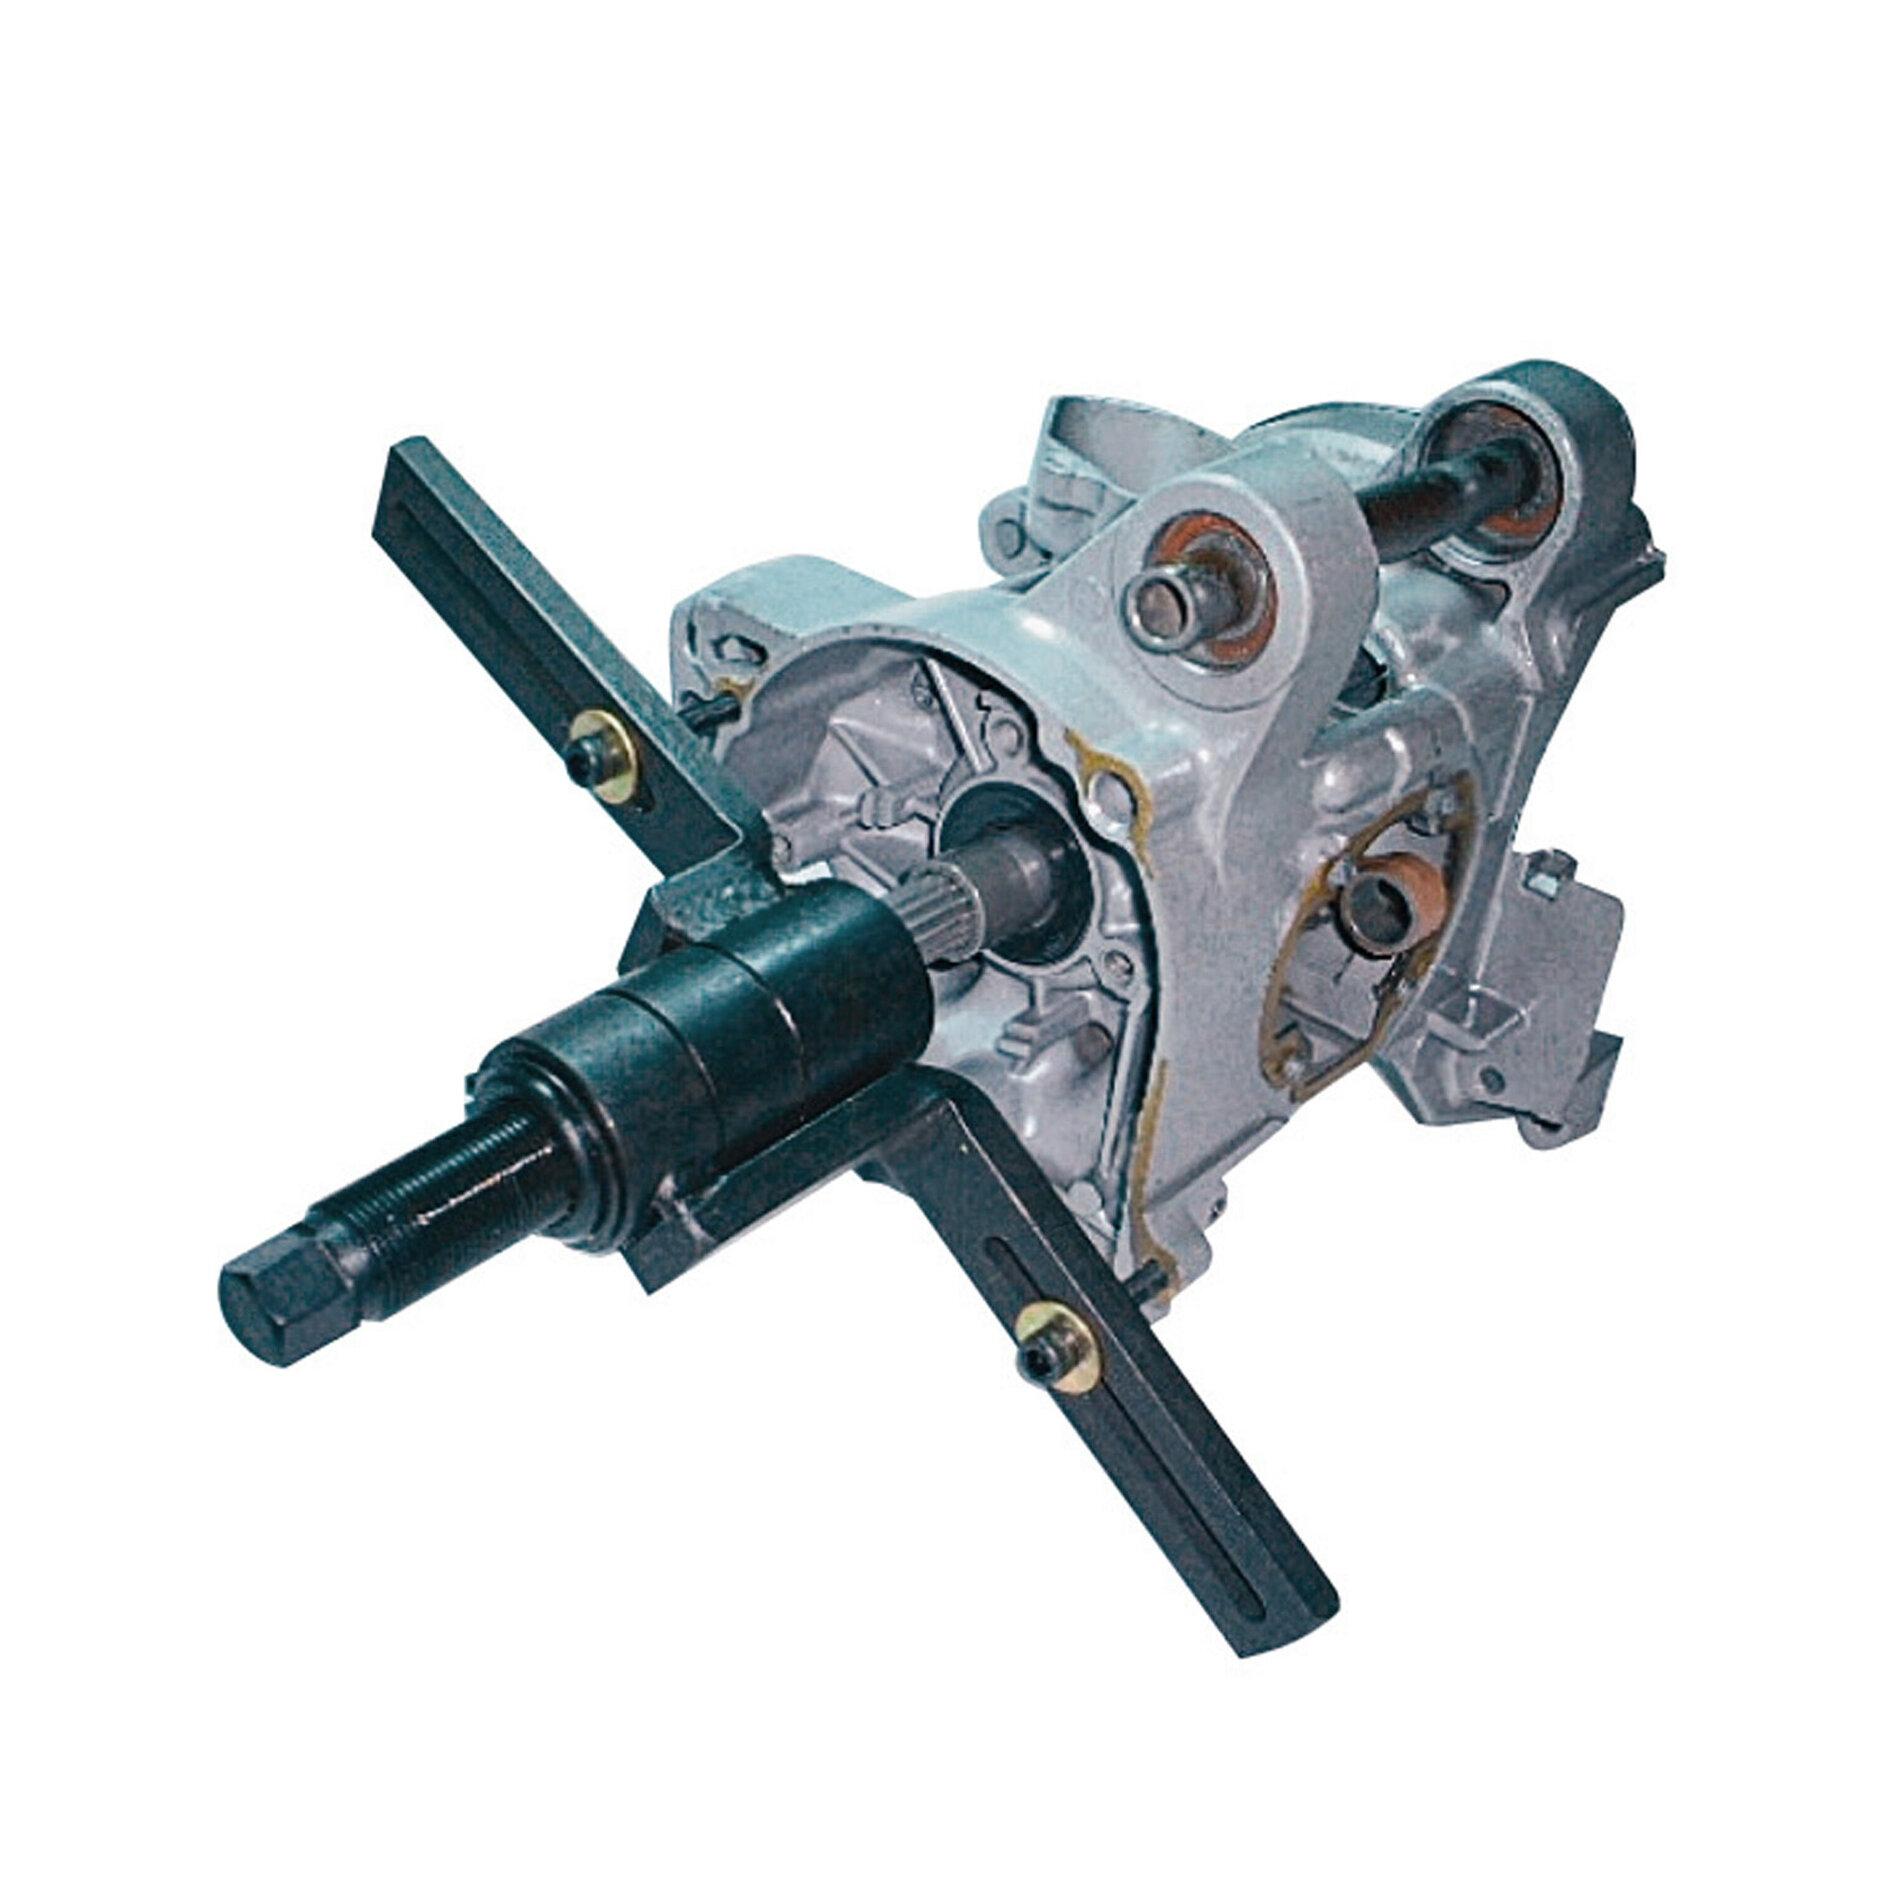 Outil démontage demi carter moteur (universel)